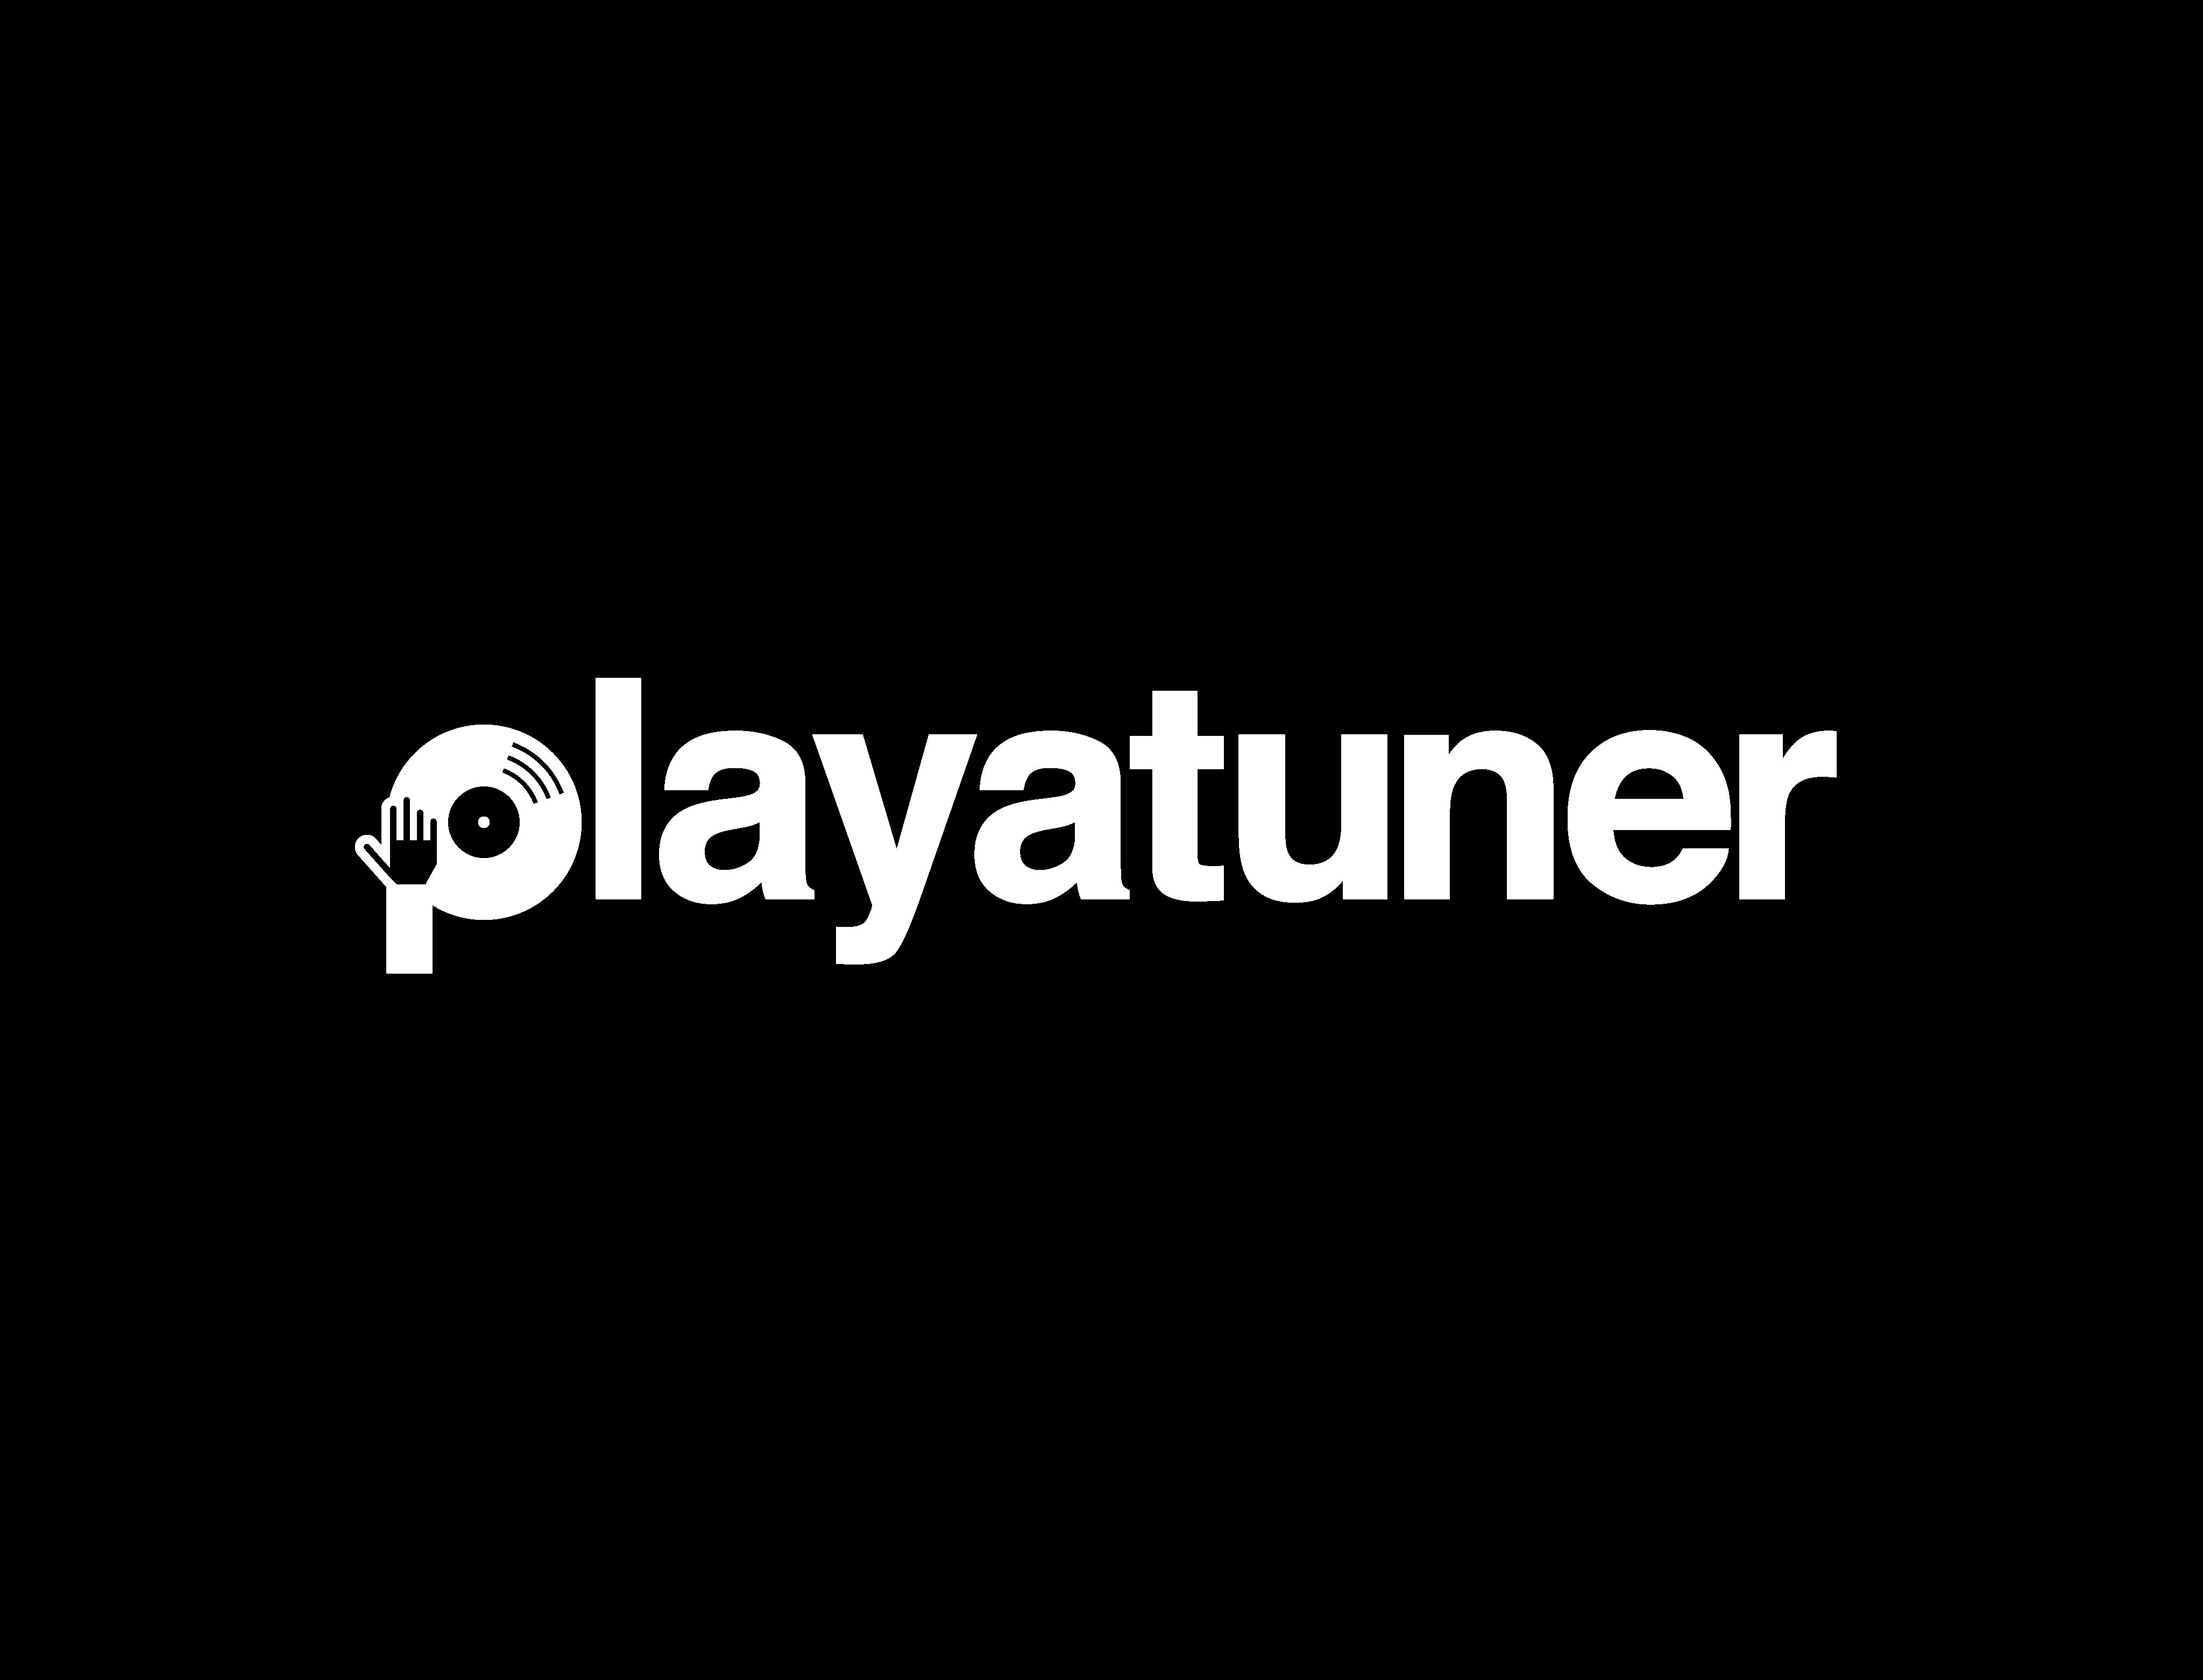 【ニュース部門はじめました】Playatunerがニュース配信を解禁!ニュース・リリースについてはこちら